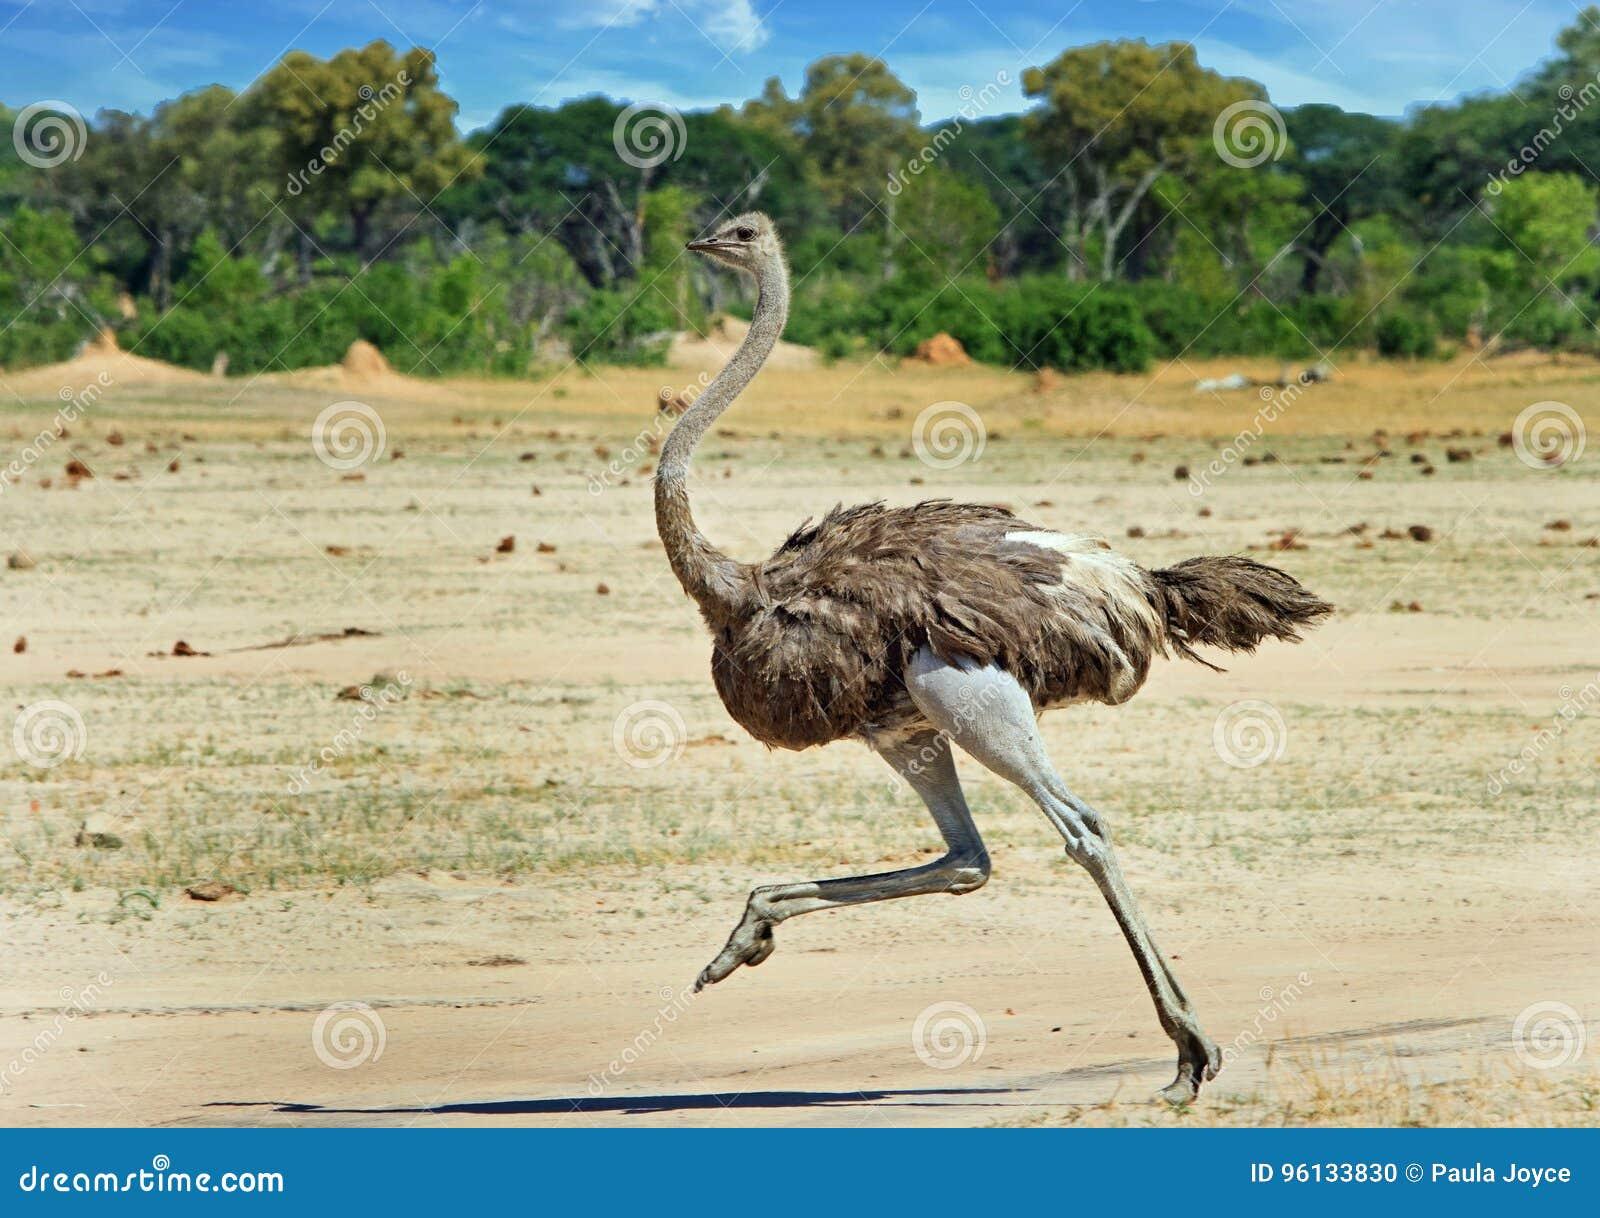 Female ostrich running across the Hwange Plains